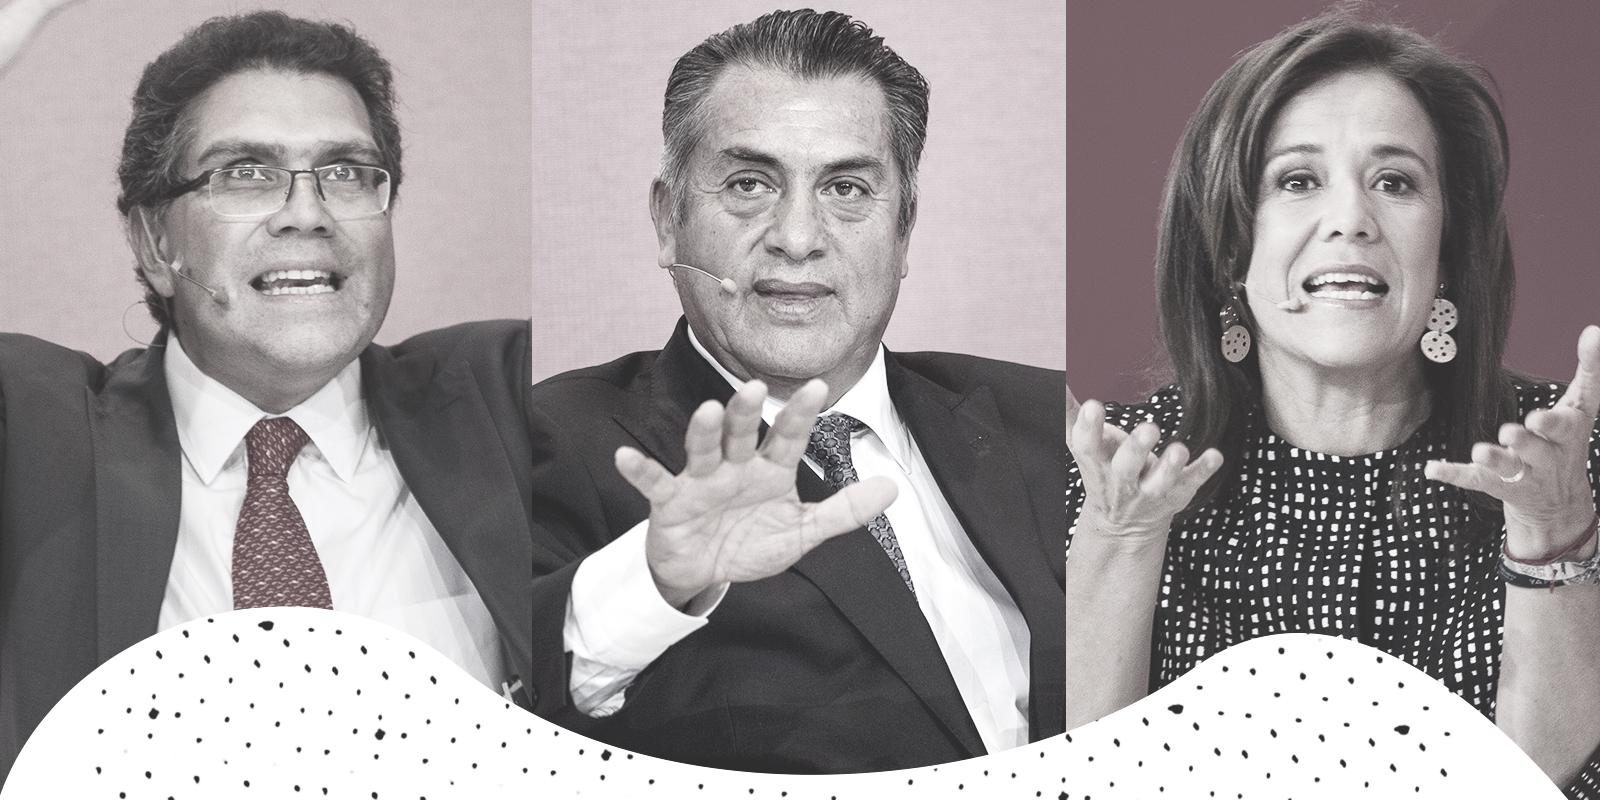 Margarita, El Bronco y Ríos Piter, ¿ya tienen asegurado su lugar en la boleta?